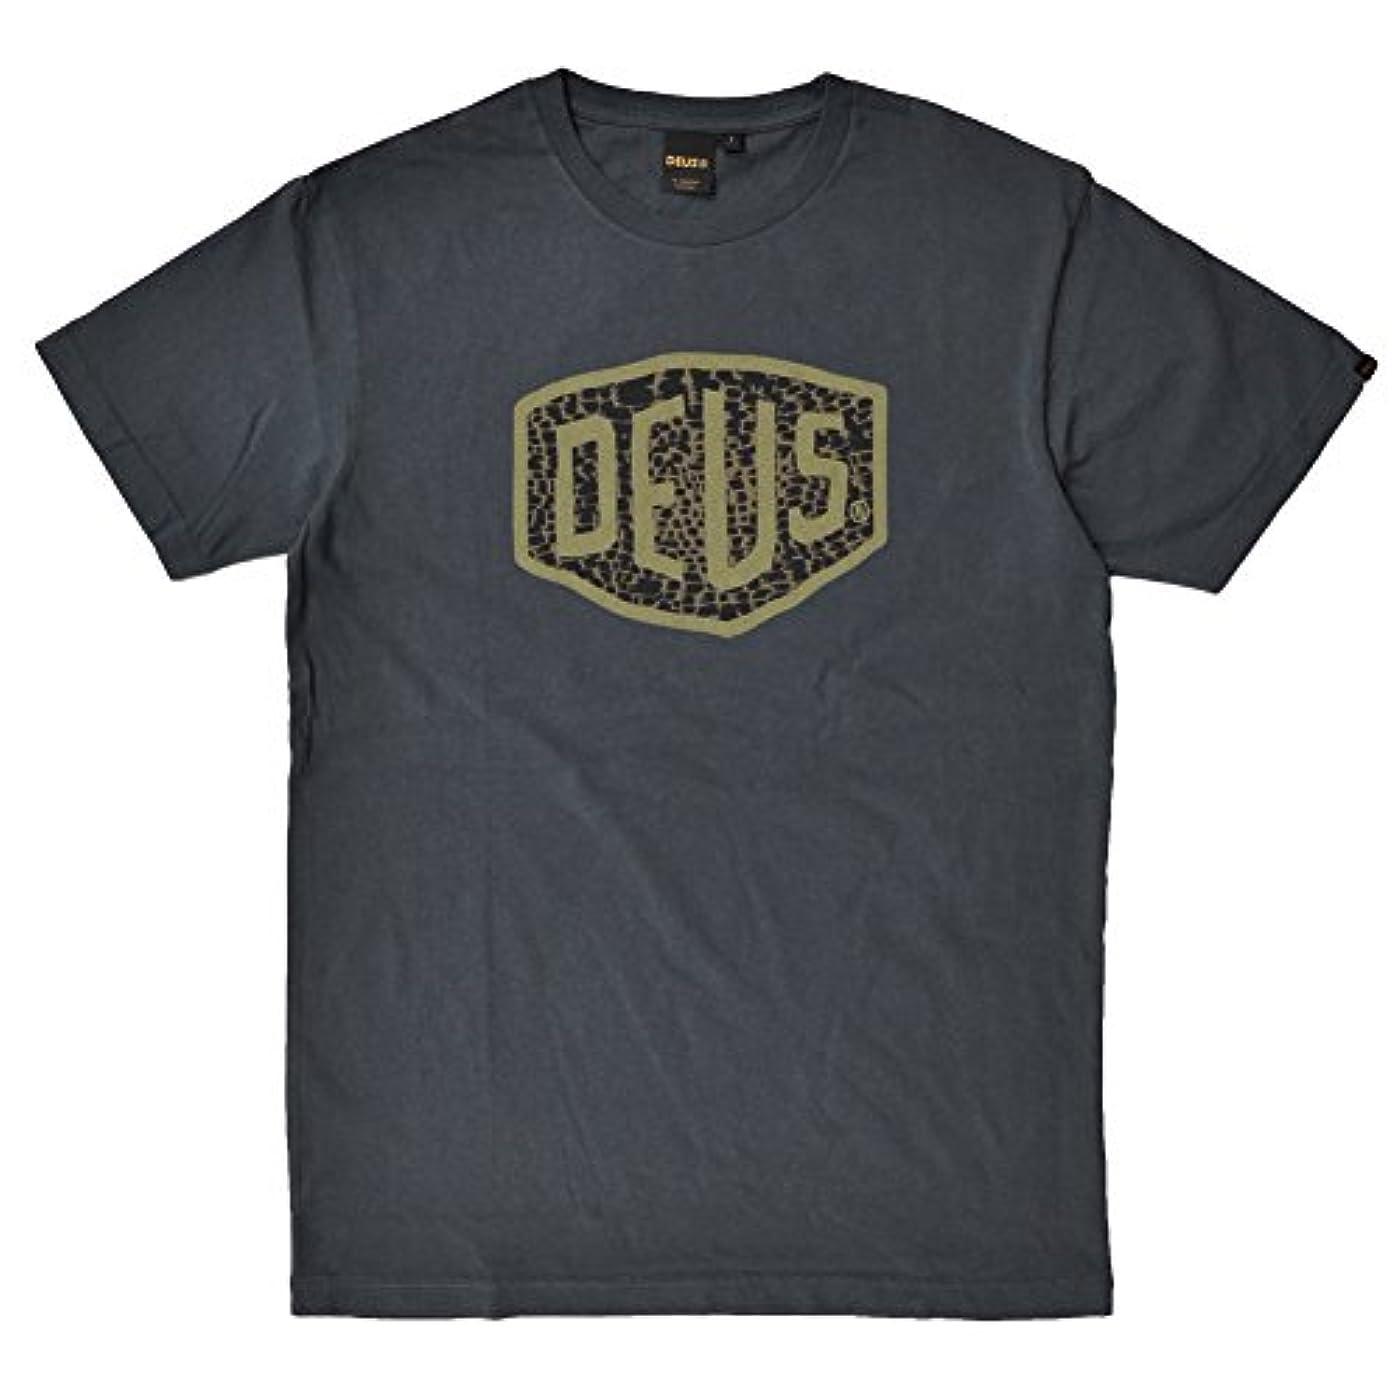 尽きる不快なスキーム(デウス エクス マキナ) Deus Ex Machina VENTURA SHIELD TEE Tシャツ (並行輸入品)